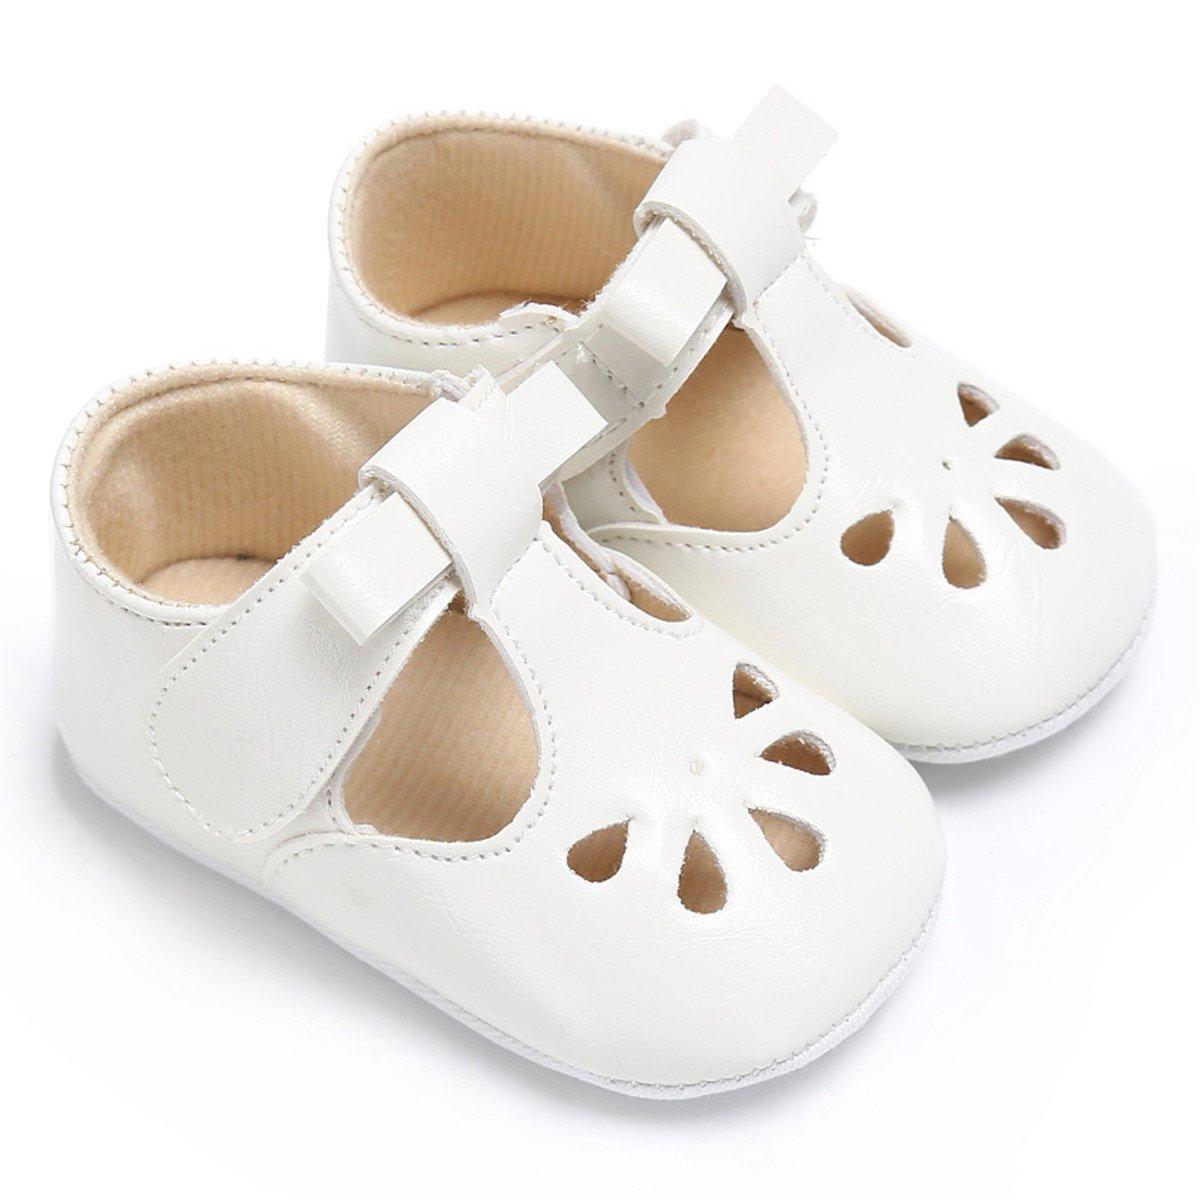 Amazon.com: Benhero Mary Jane - Zapatos de vestir con lazo ...